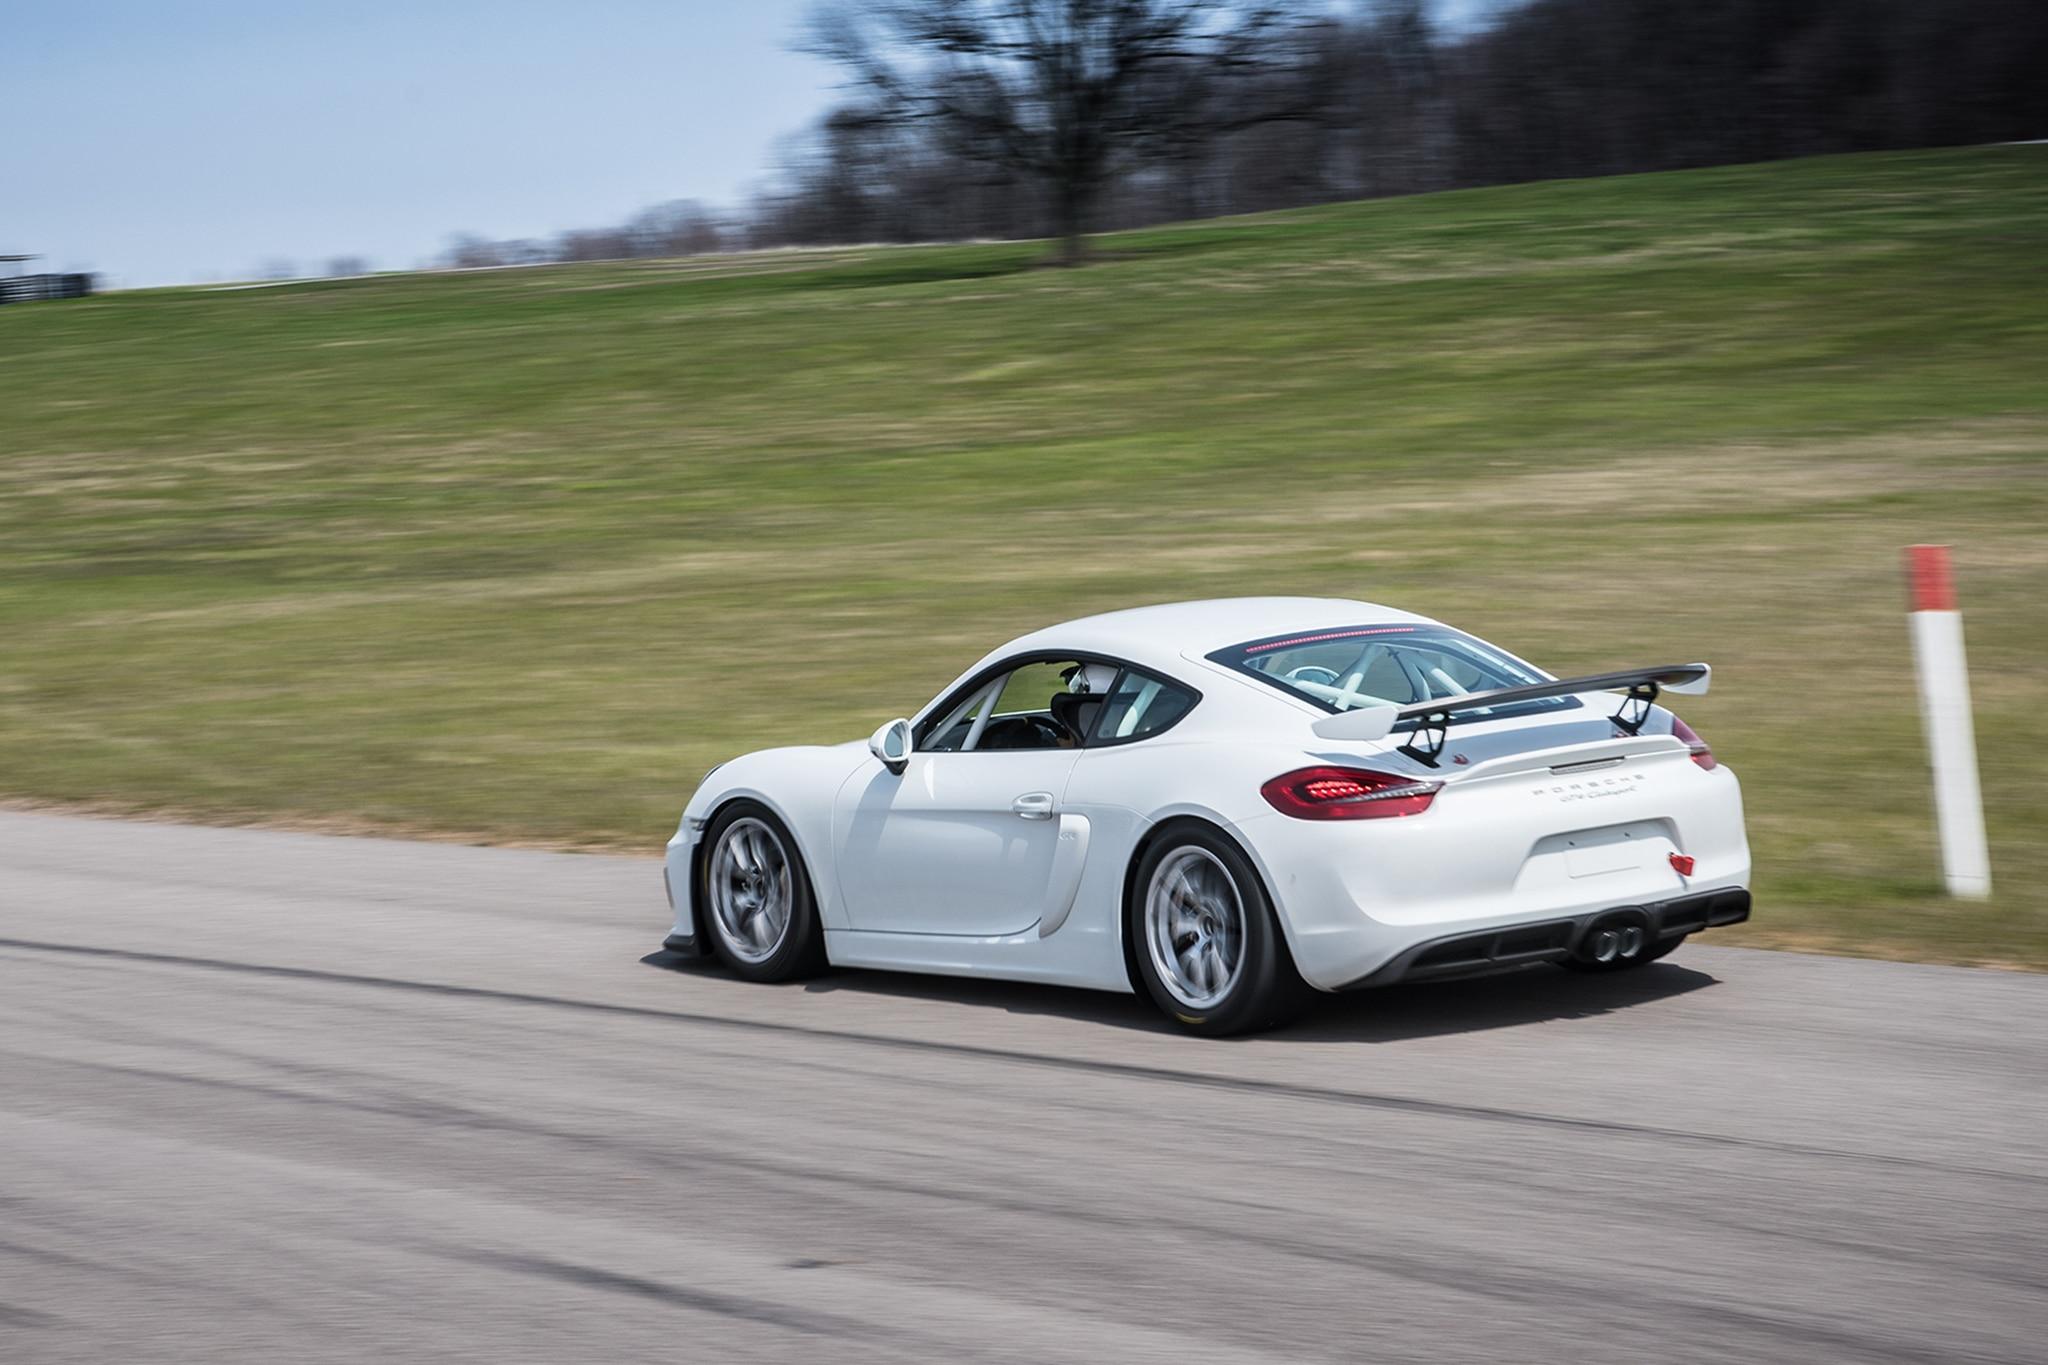 We Drive the Porsche Cayman GT4 Clubsport